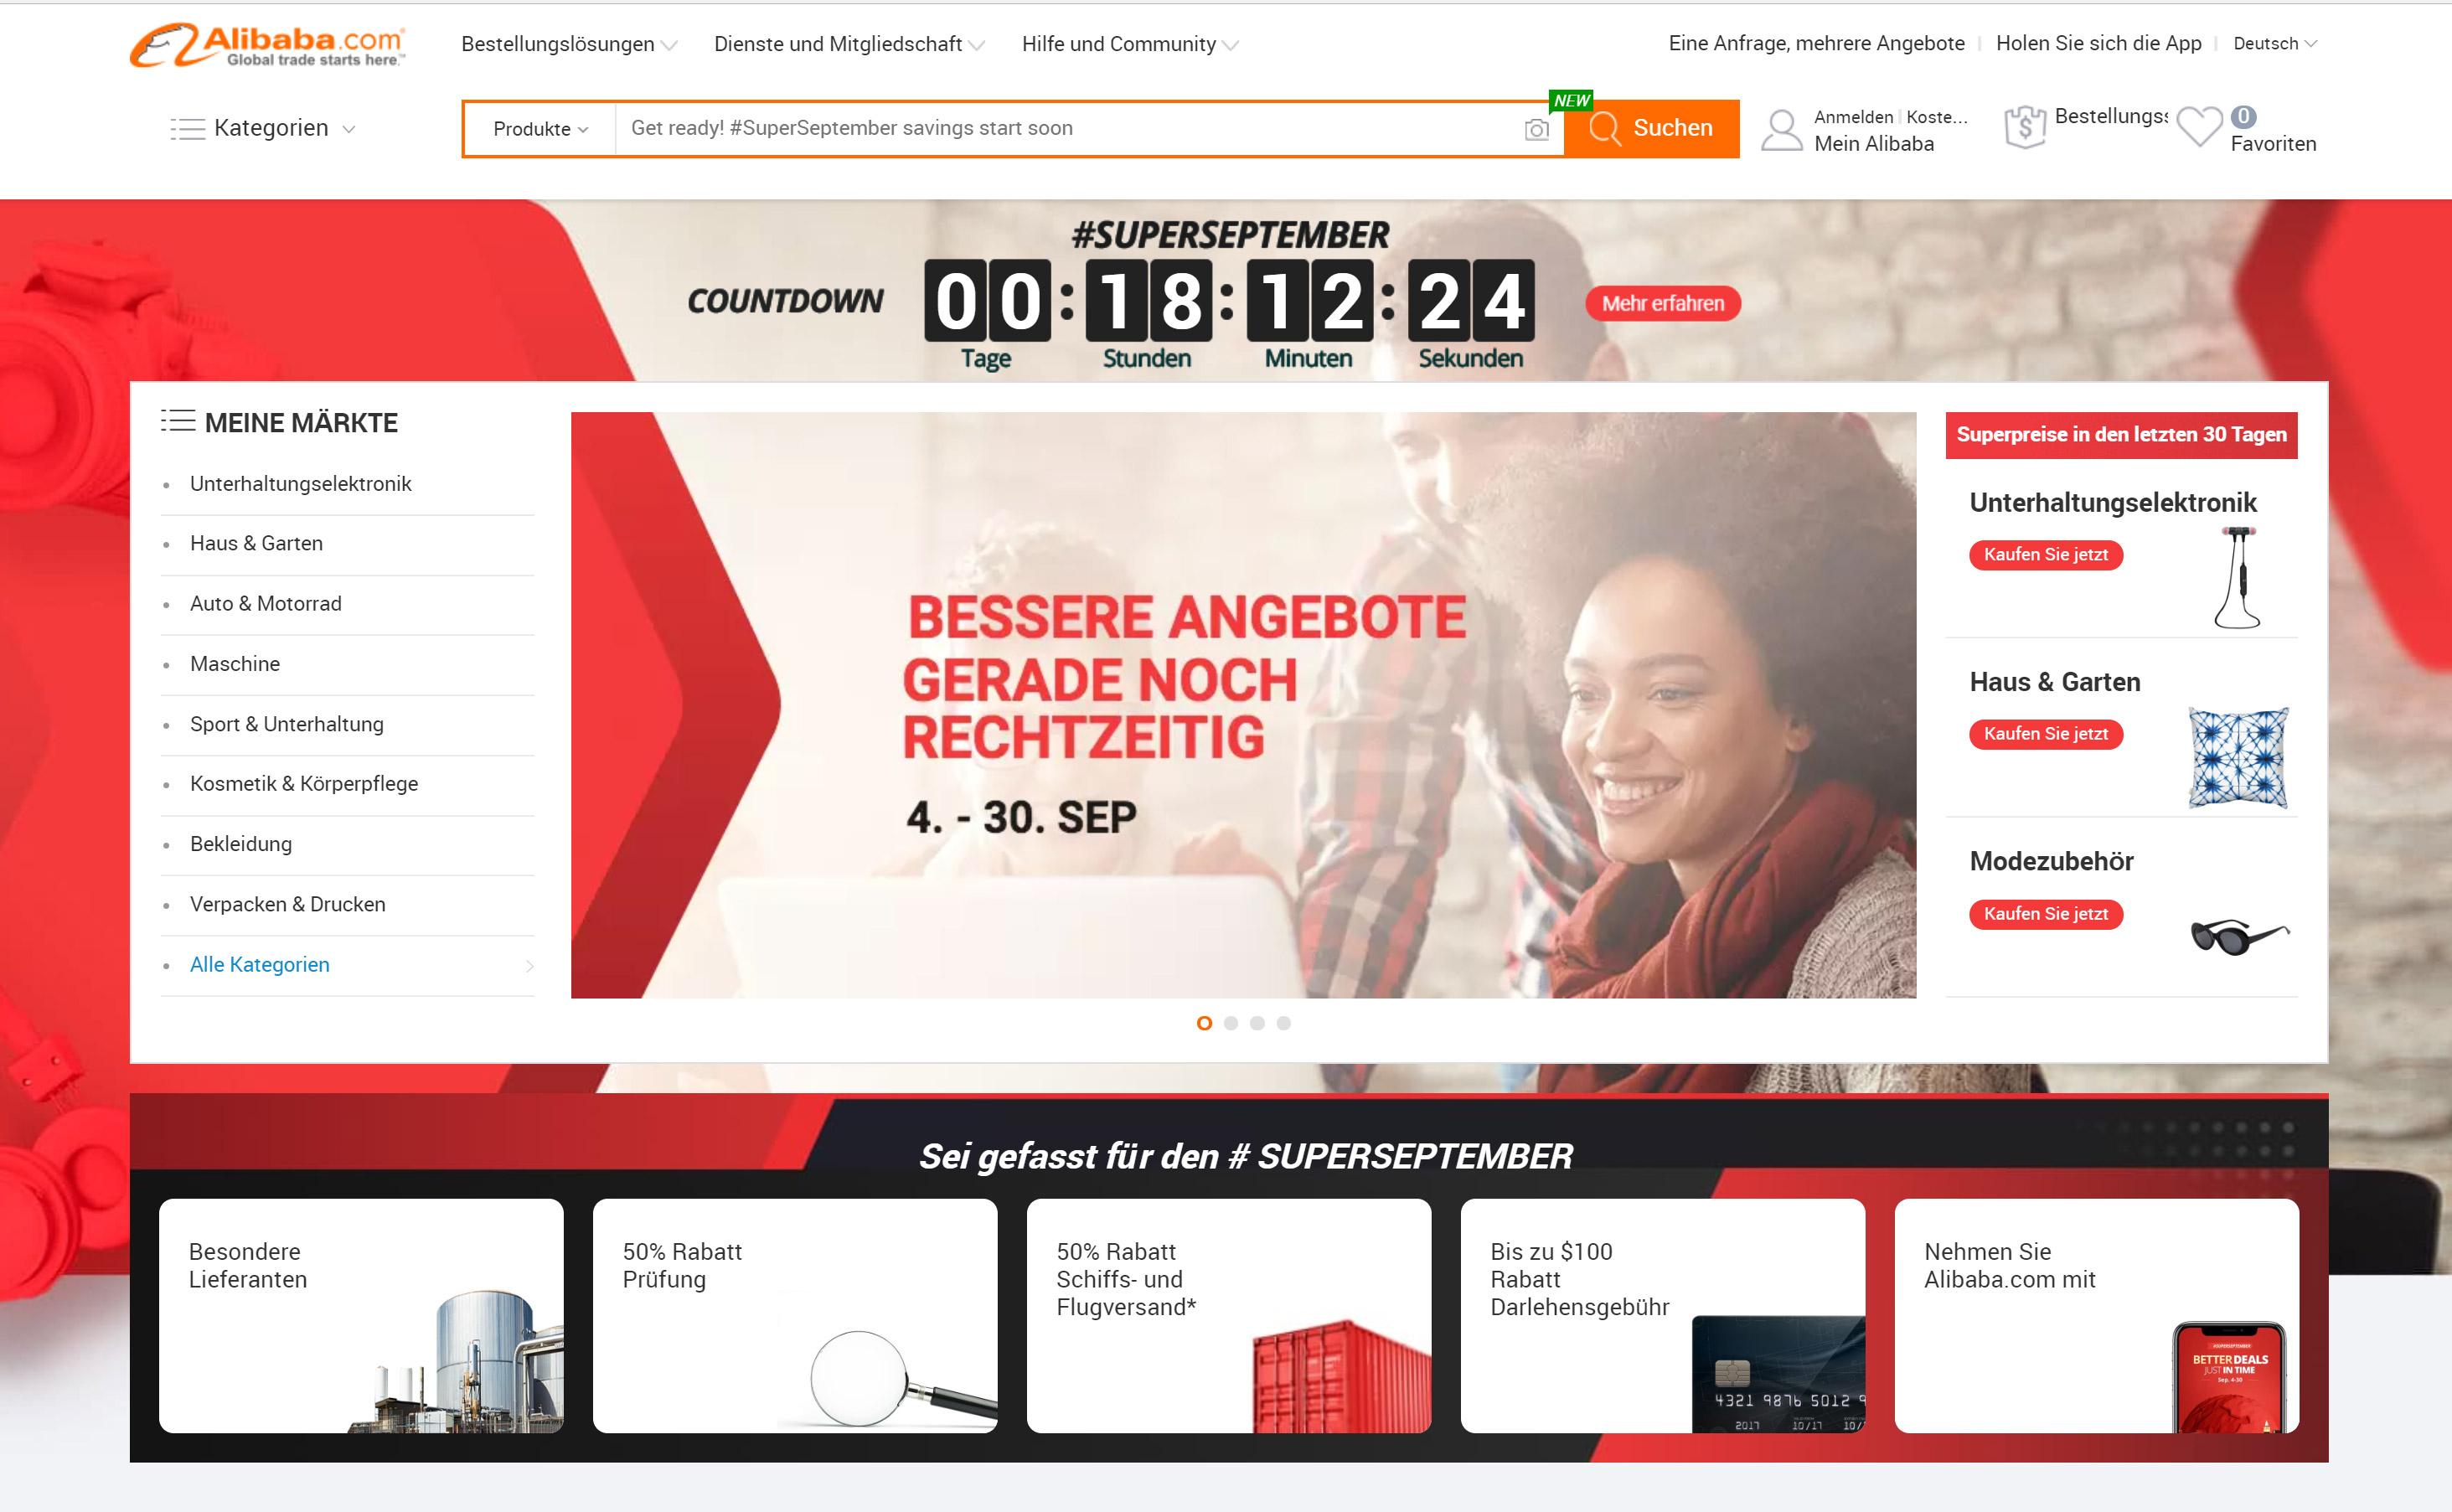 RIS Web- & Software Development - Alibaba - Eintrittskarte in den asiatischen Markt? Landingpage von alibaba.com